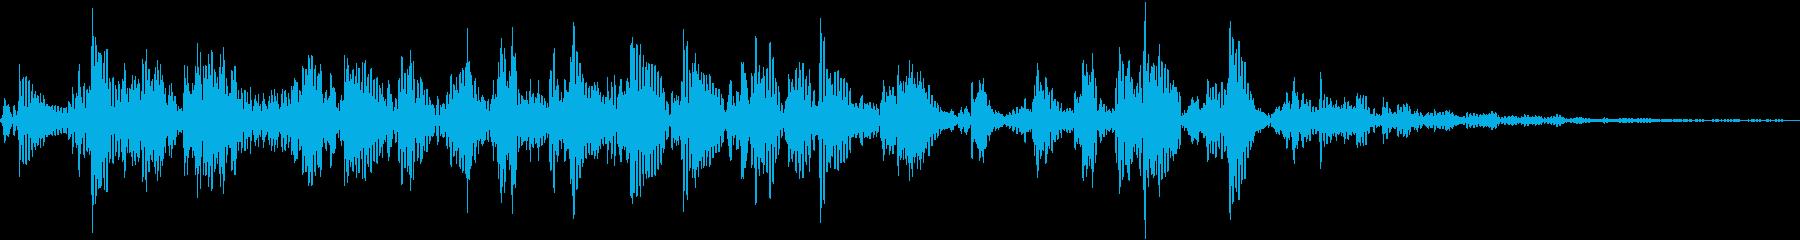 ごろごろと転がす音です。の再生済みの波形